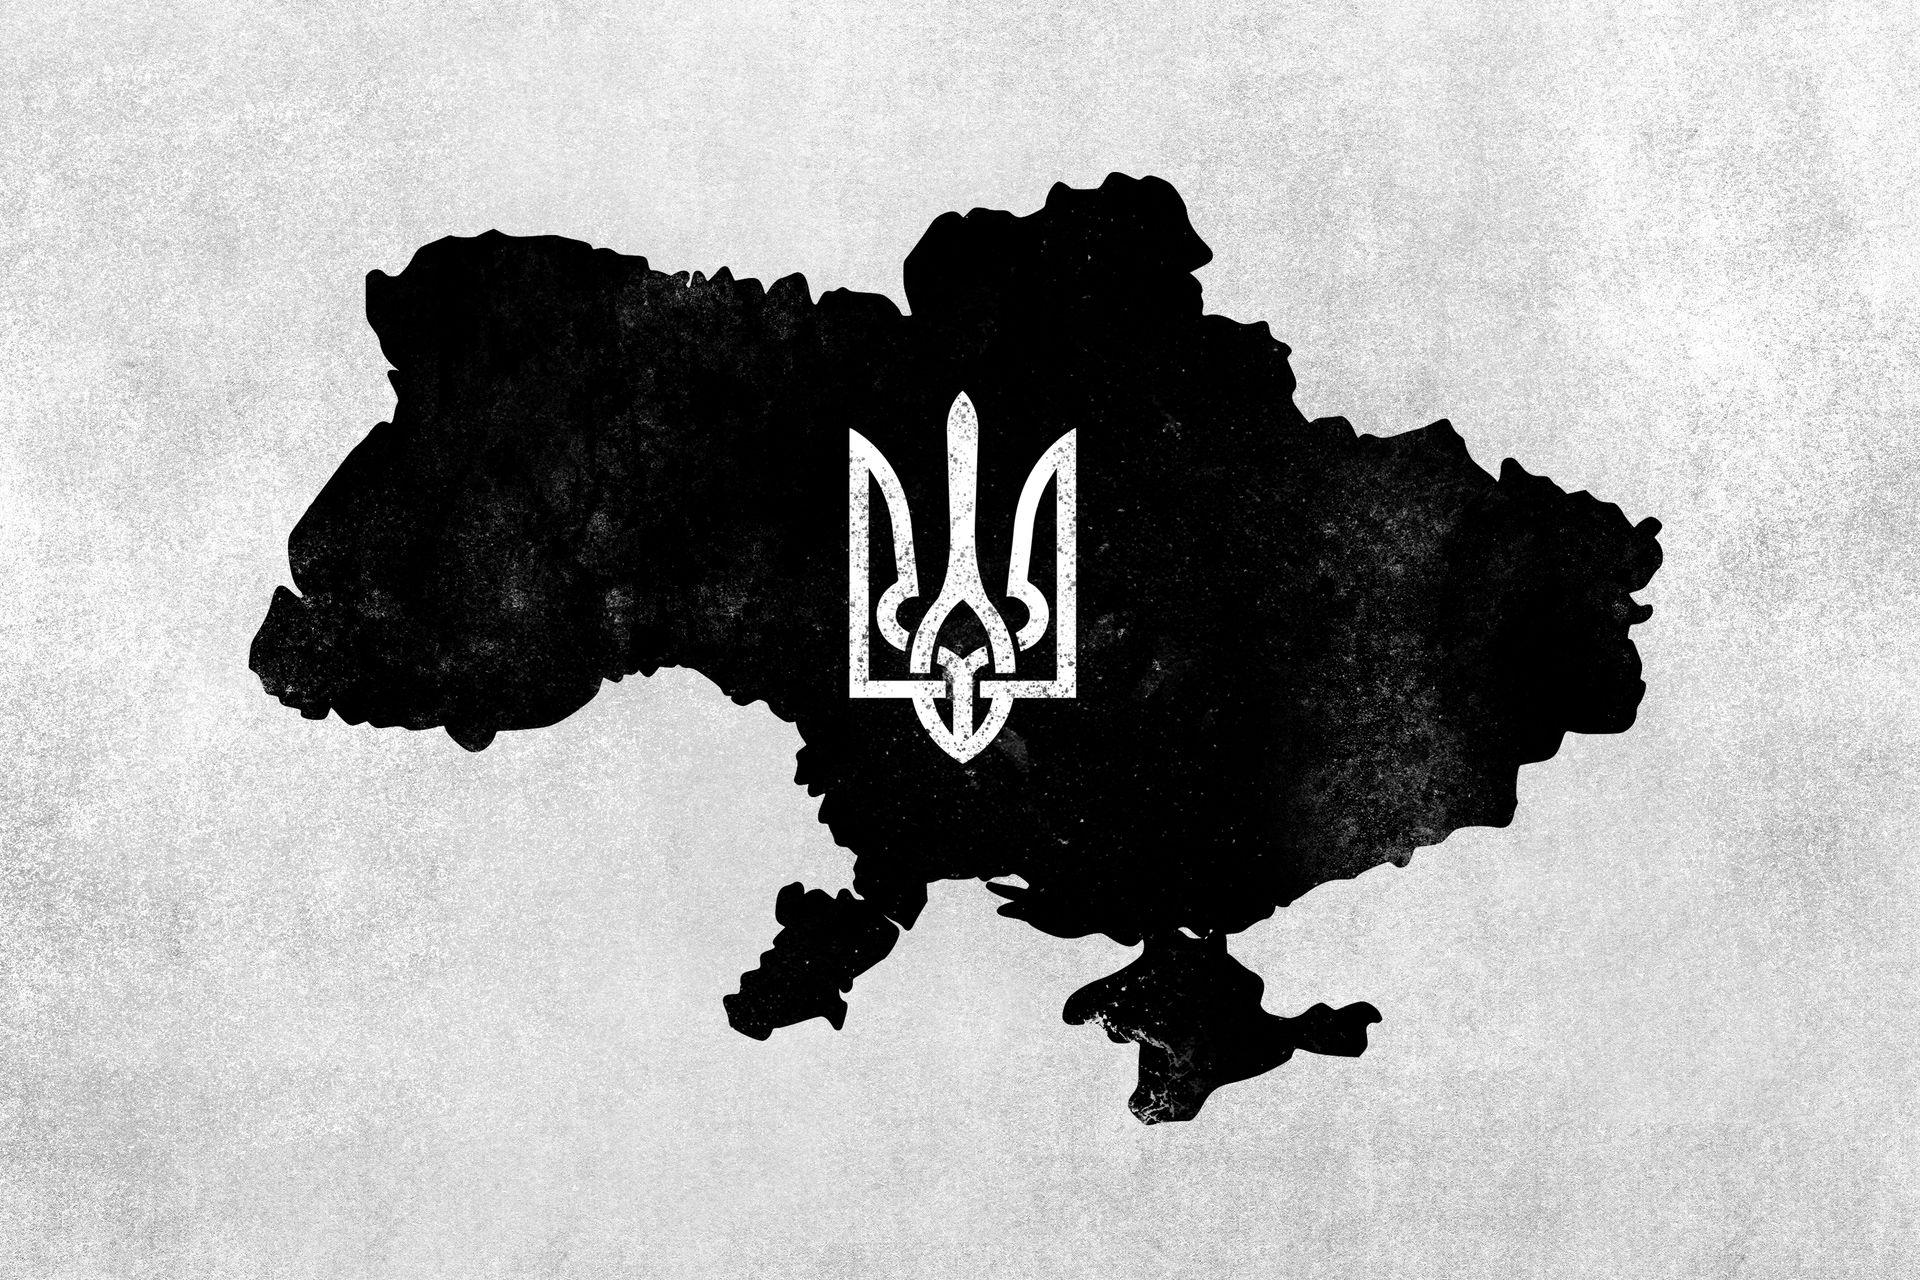 Ukraine grunge